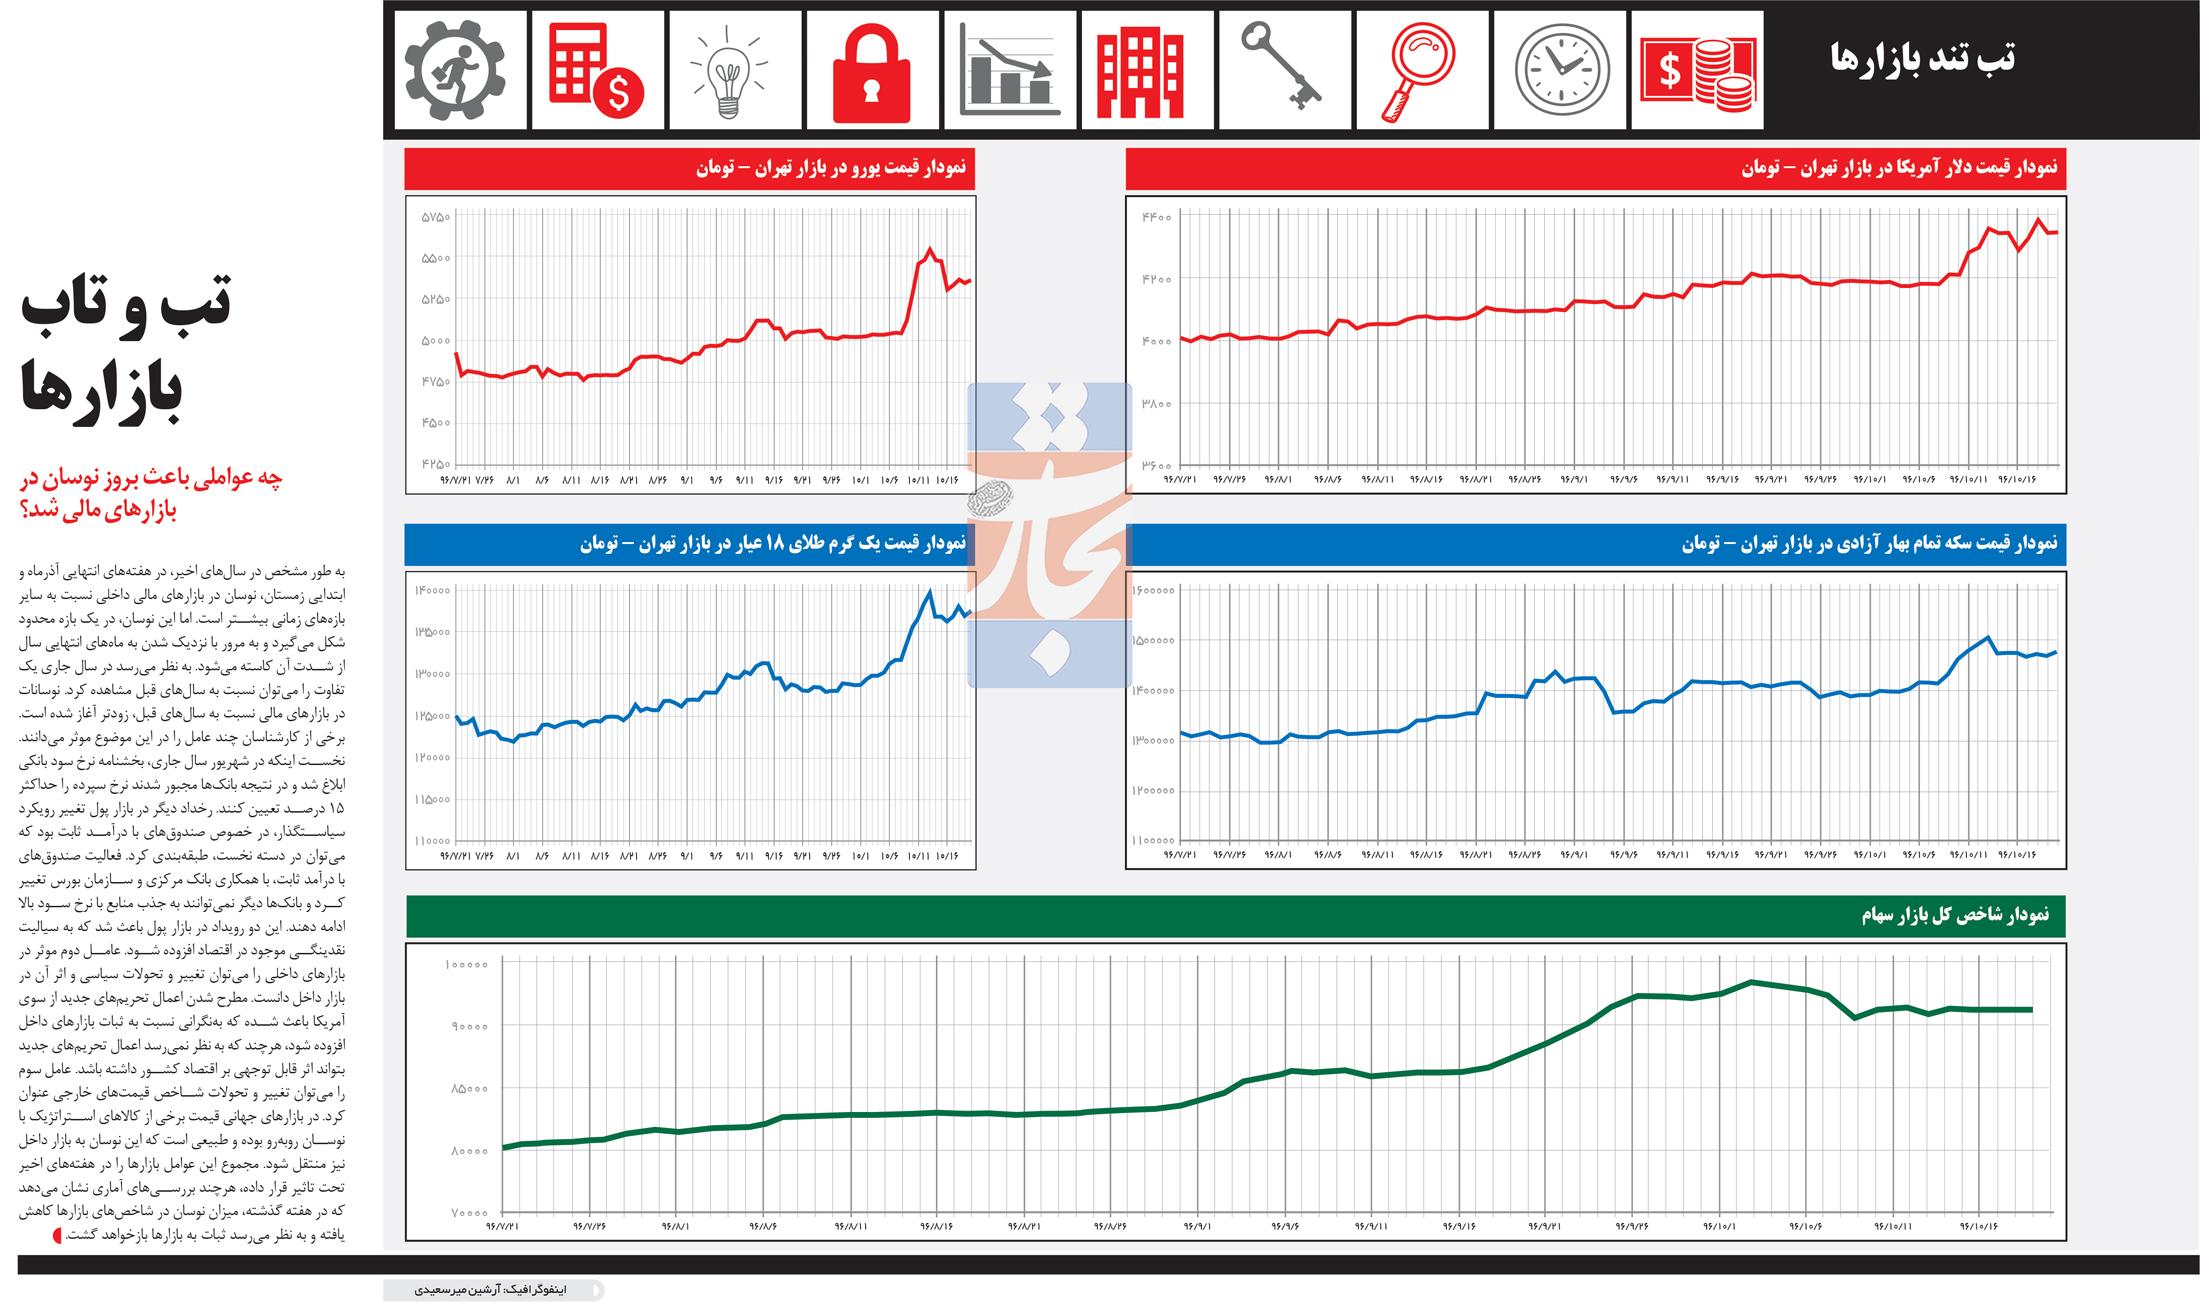 تجارت فردا- اینفوگرافیک- تب و تاب بازارها